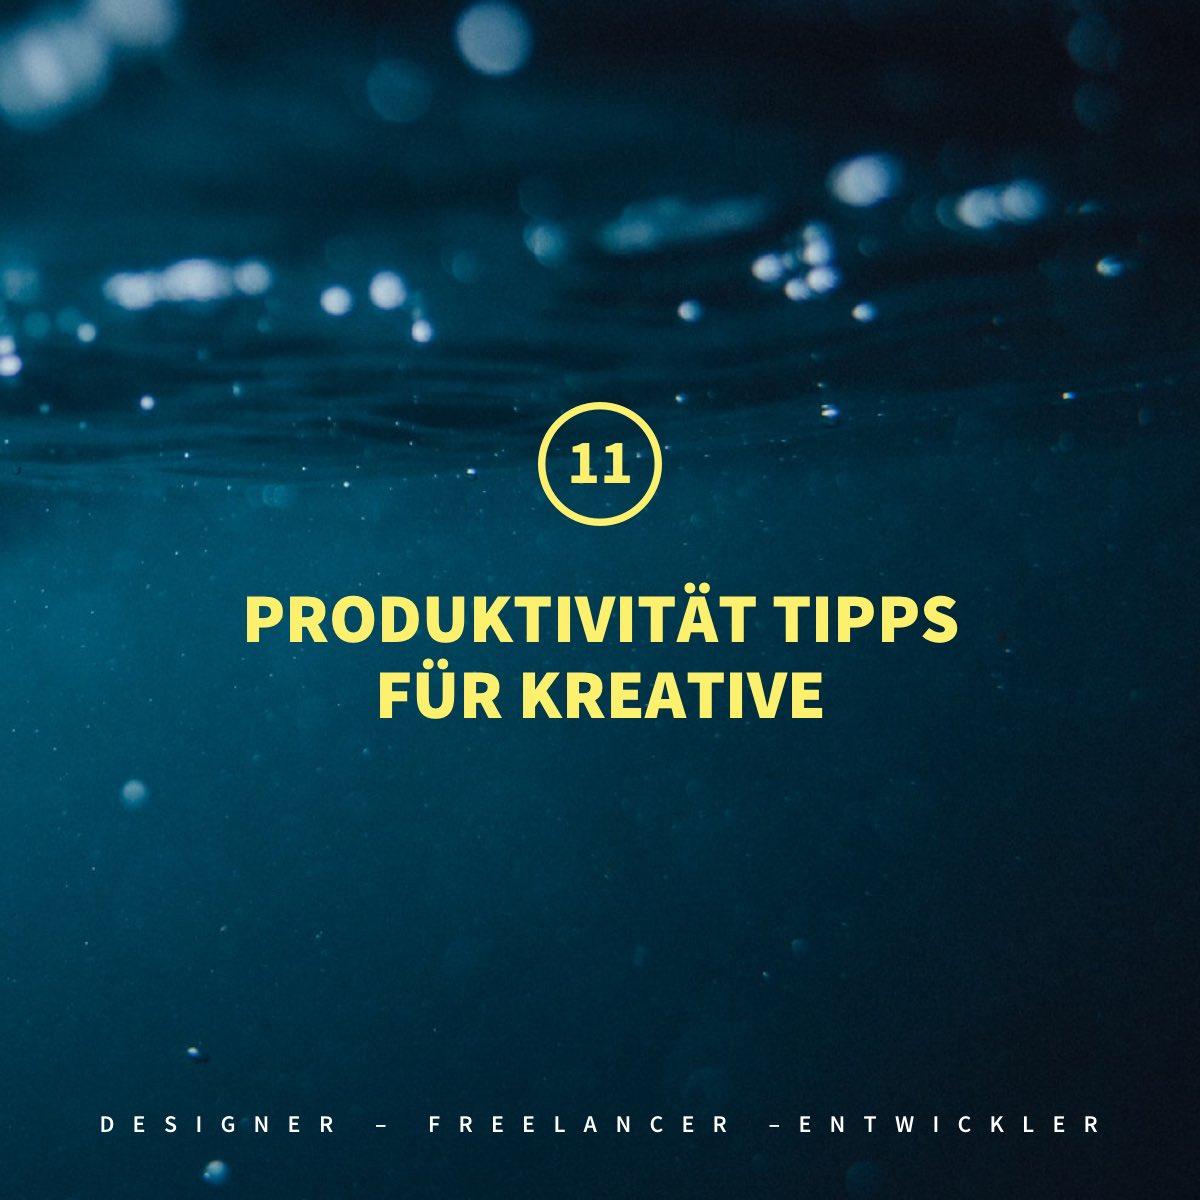 11 Produktivität Tipps für kreative Webdesigner, Freelancer & Entwickler